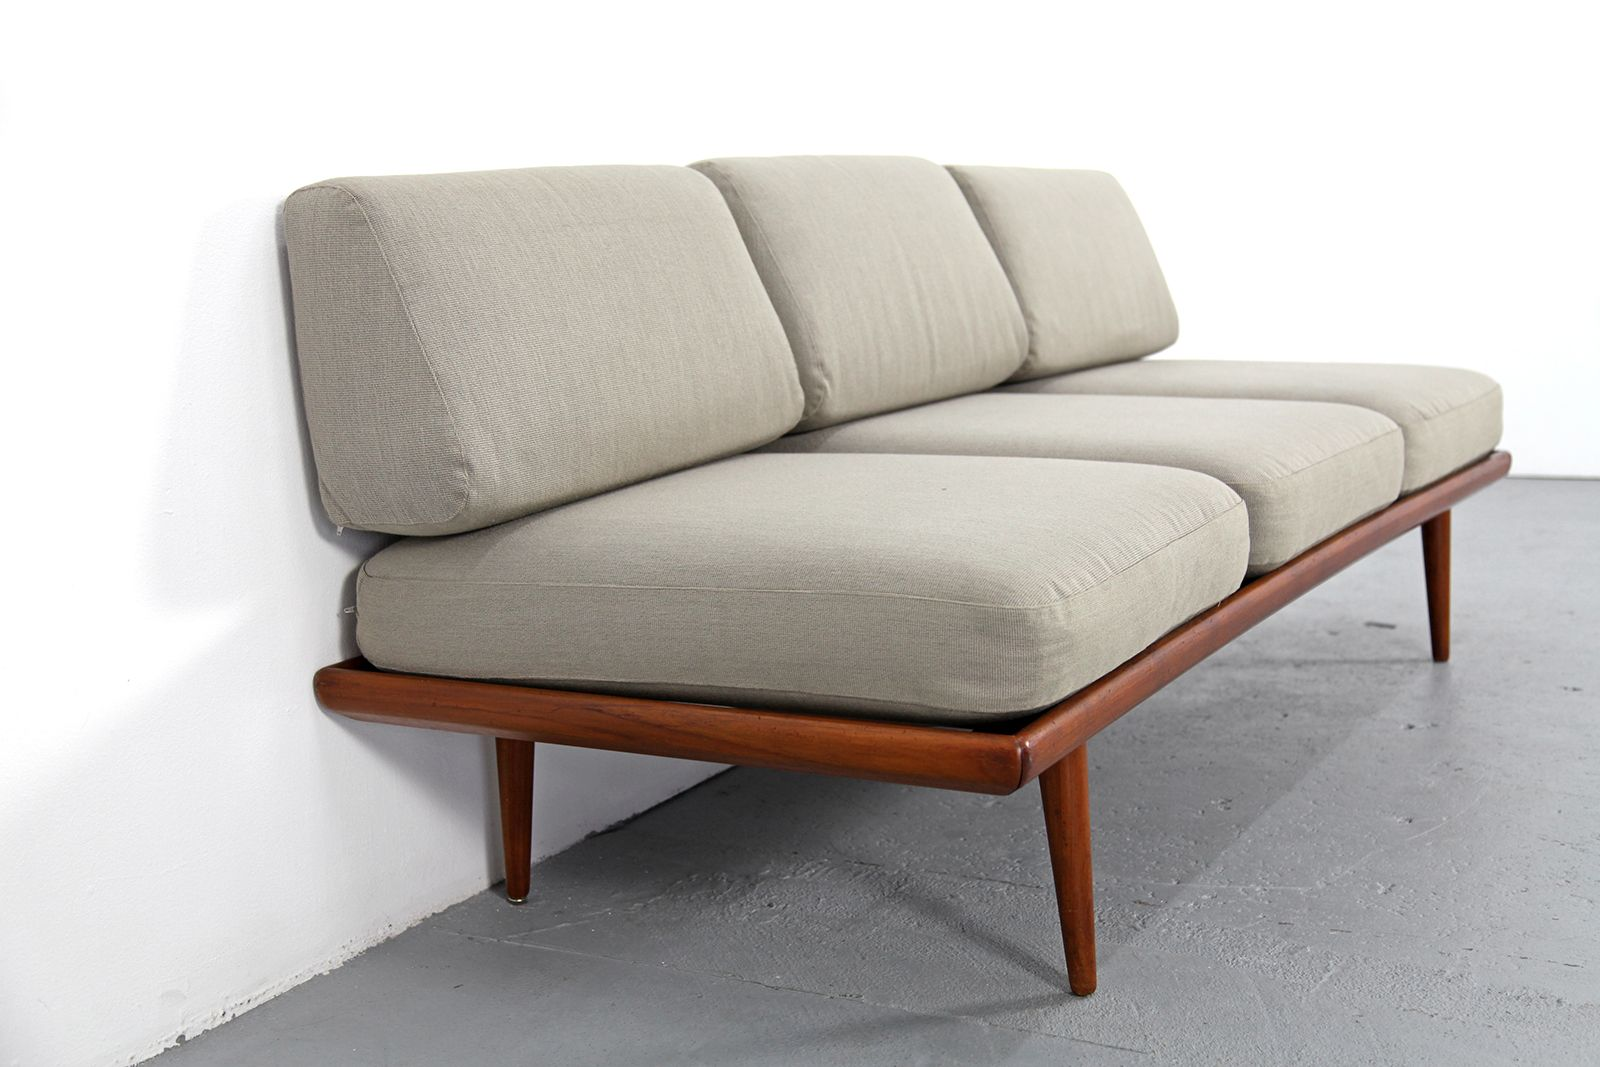 minverva schlafcouch von peter hvidt orla molgaard nielsen bei pamono kaufen. Black Bedroom Furniture Sets. Home Design Ideas